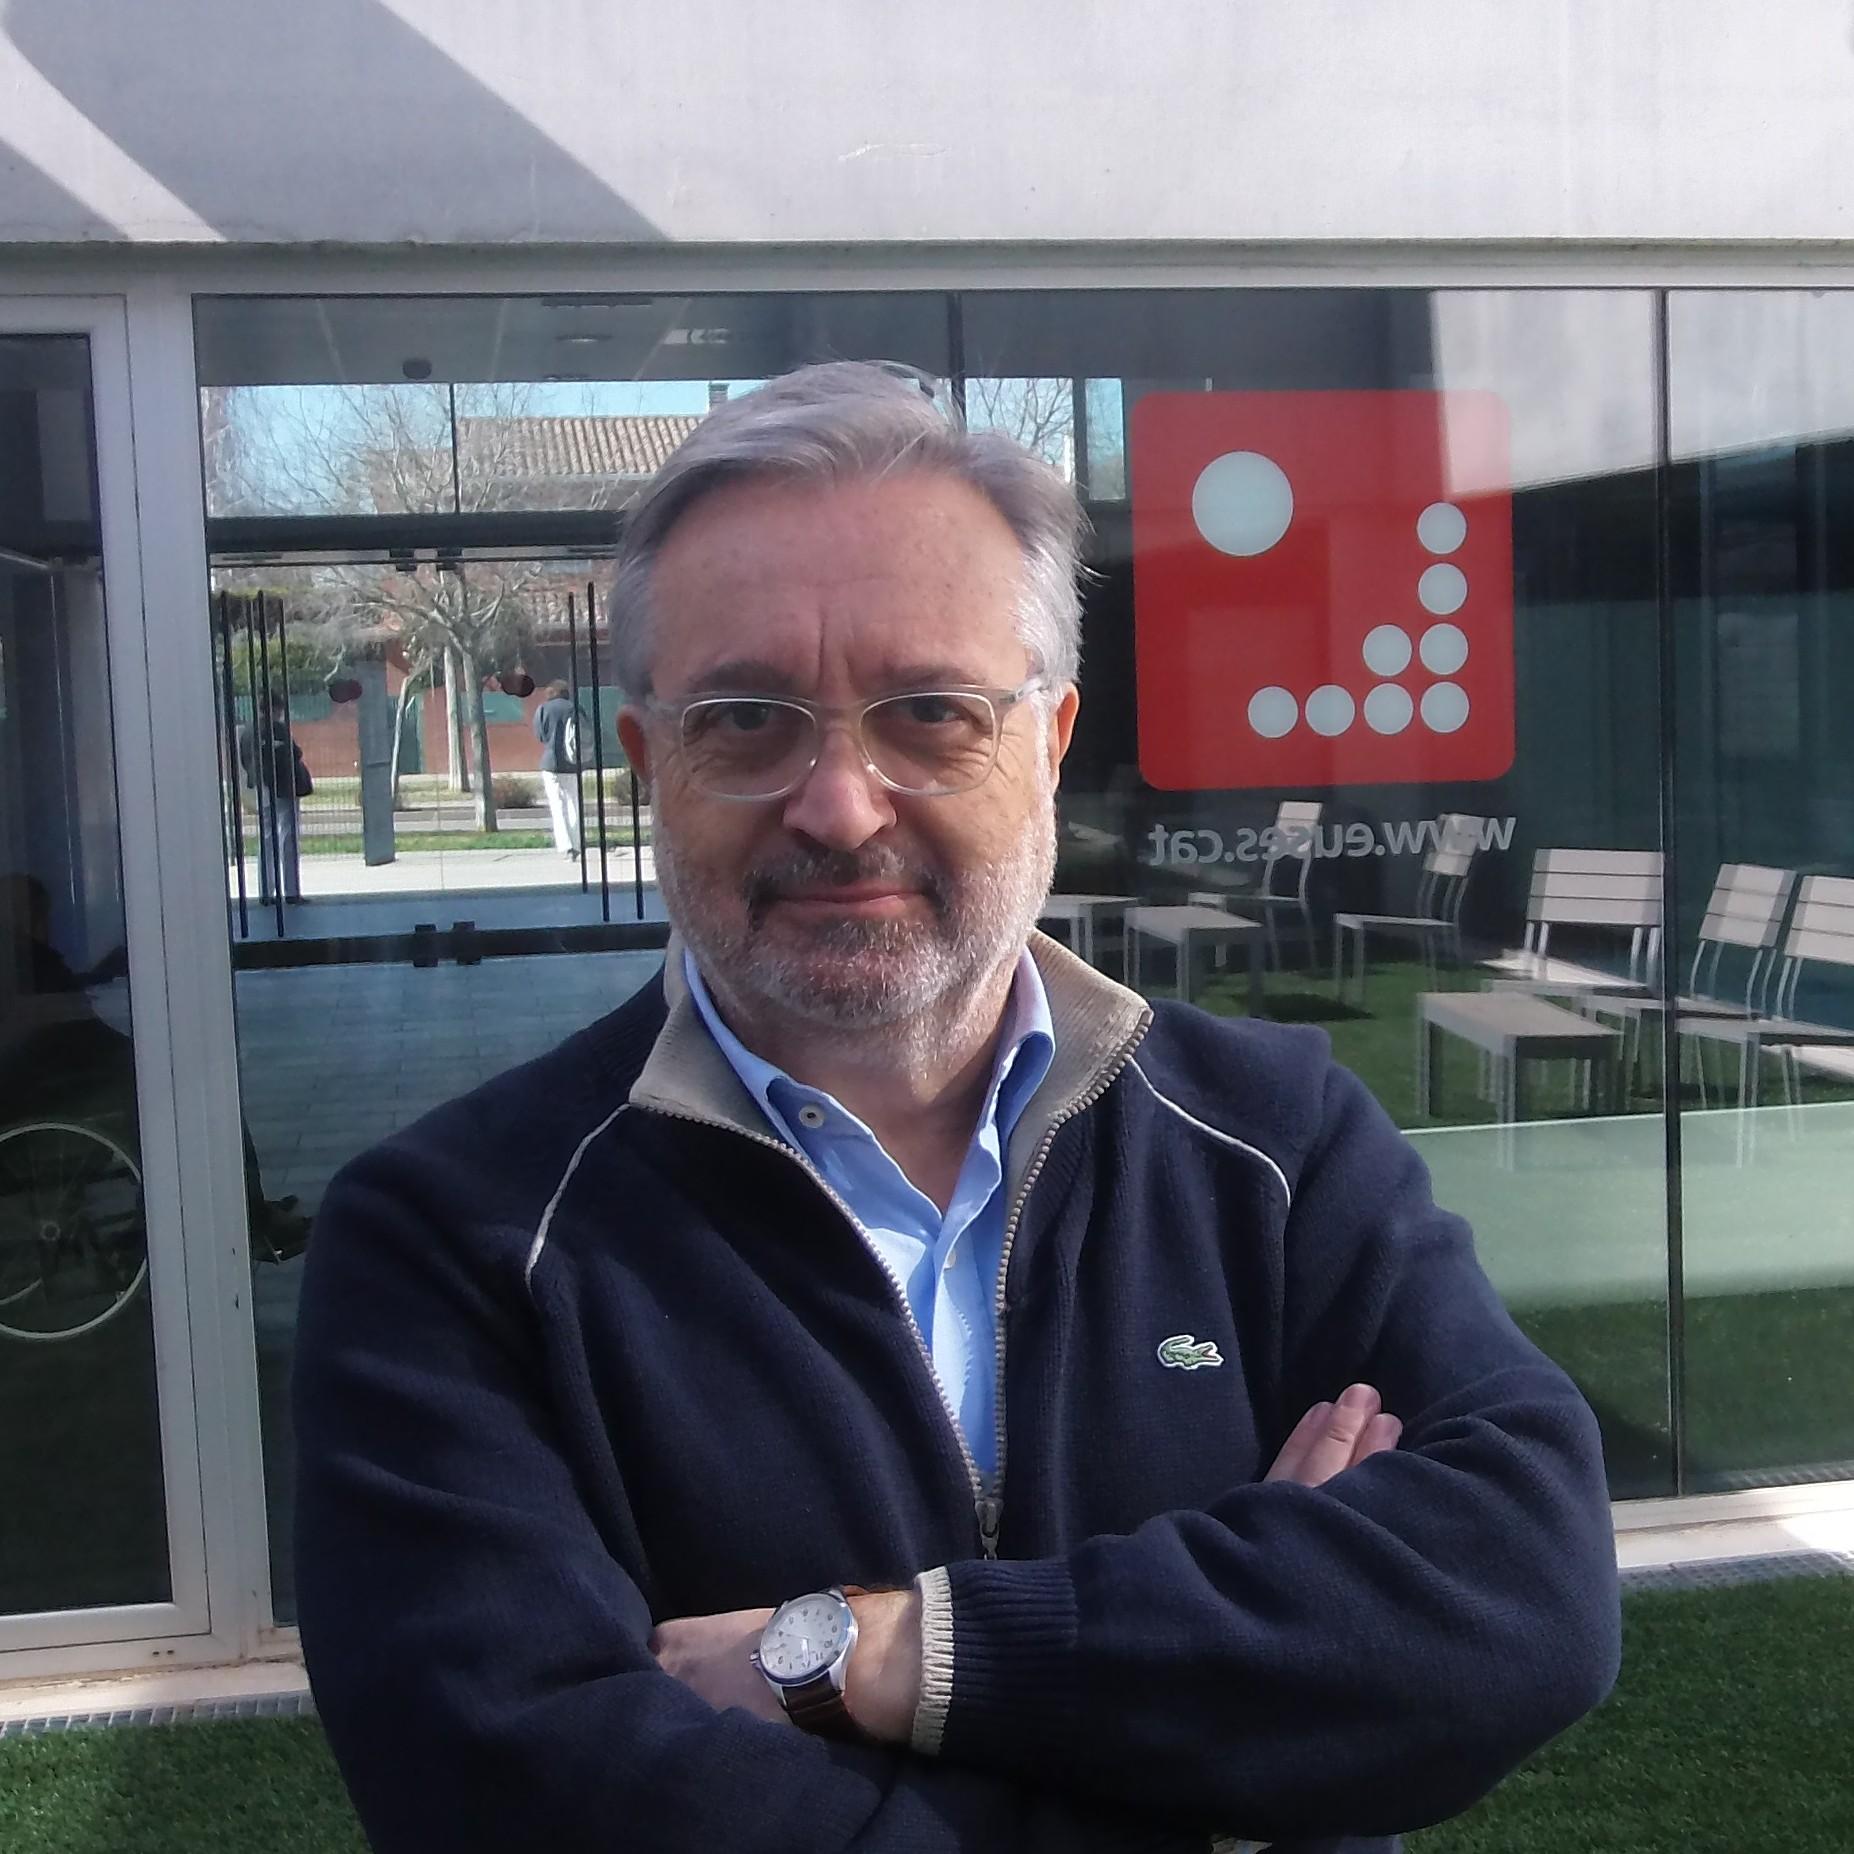 Manel Domínguez Villar